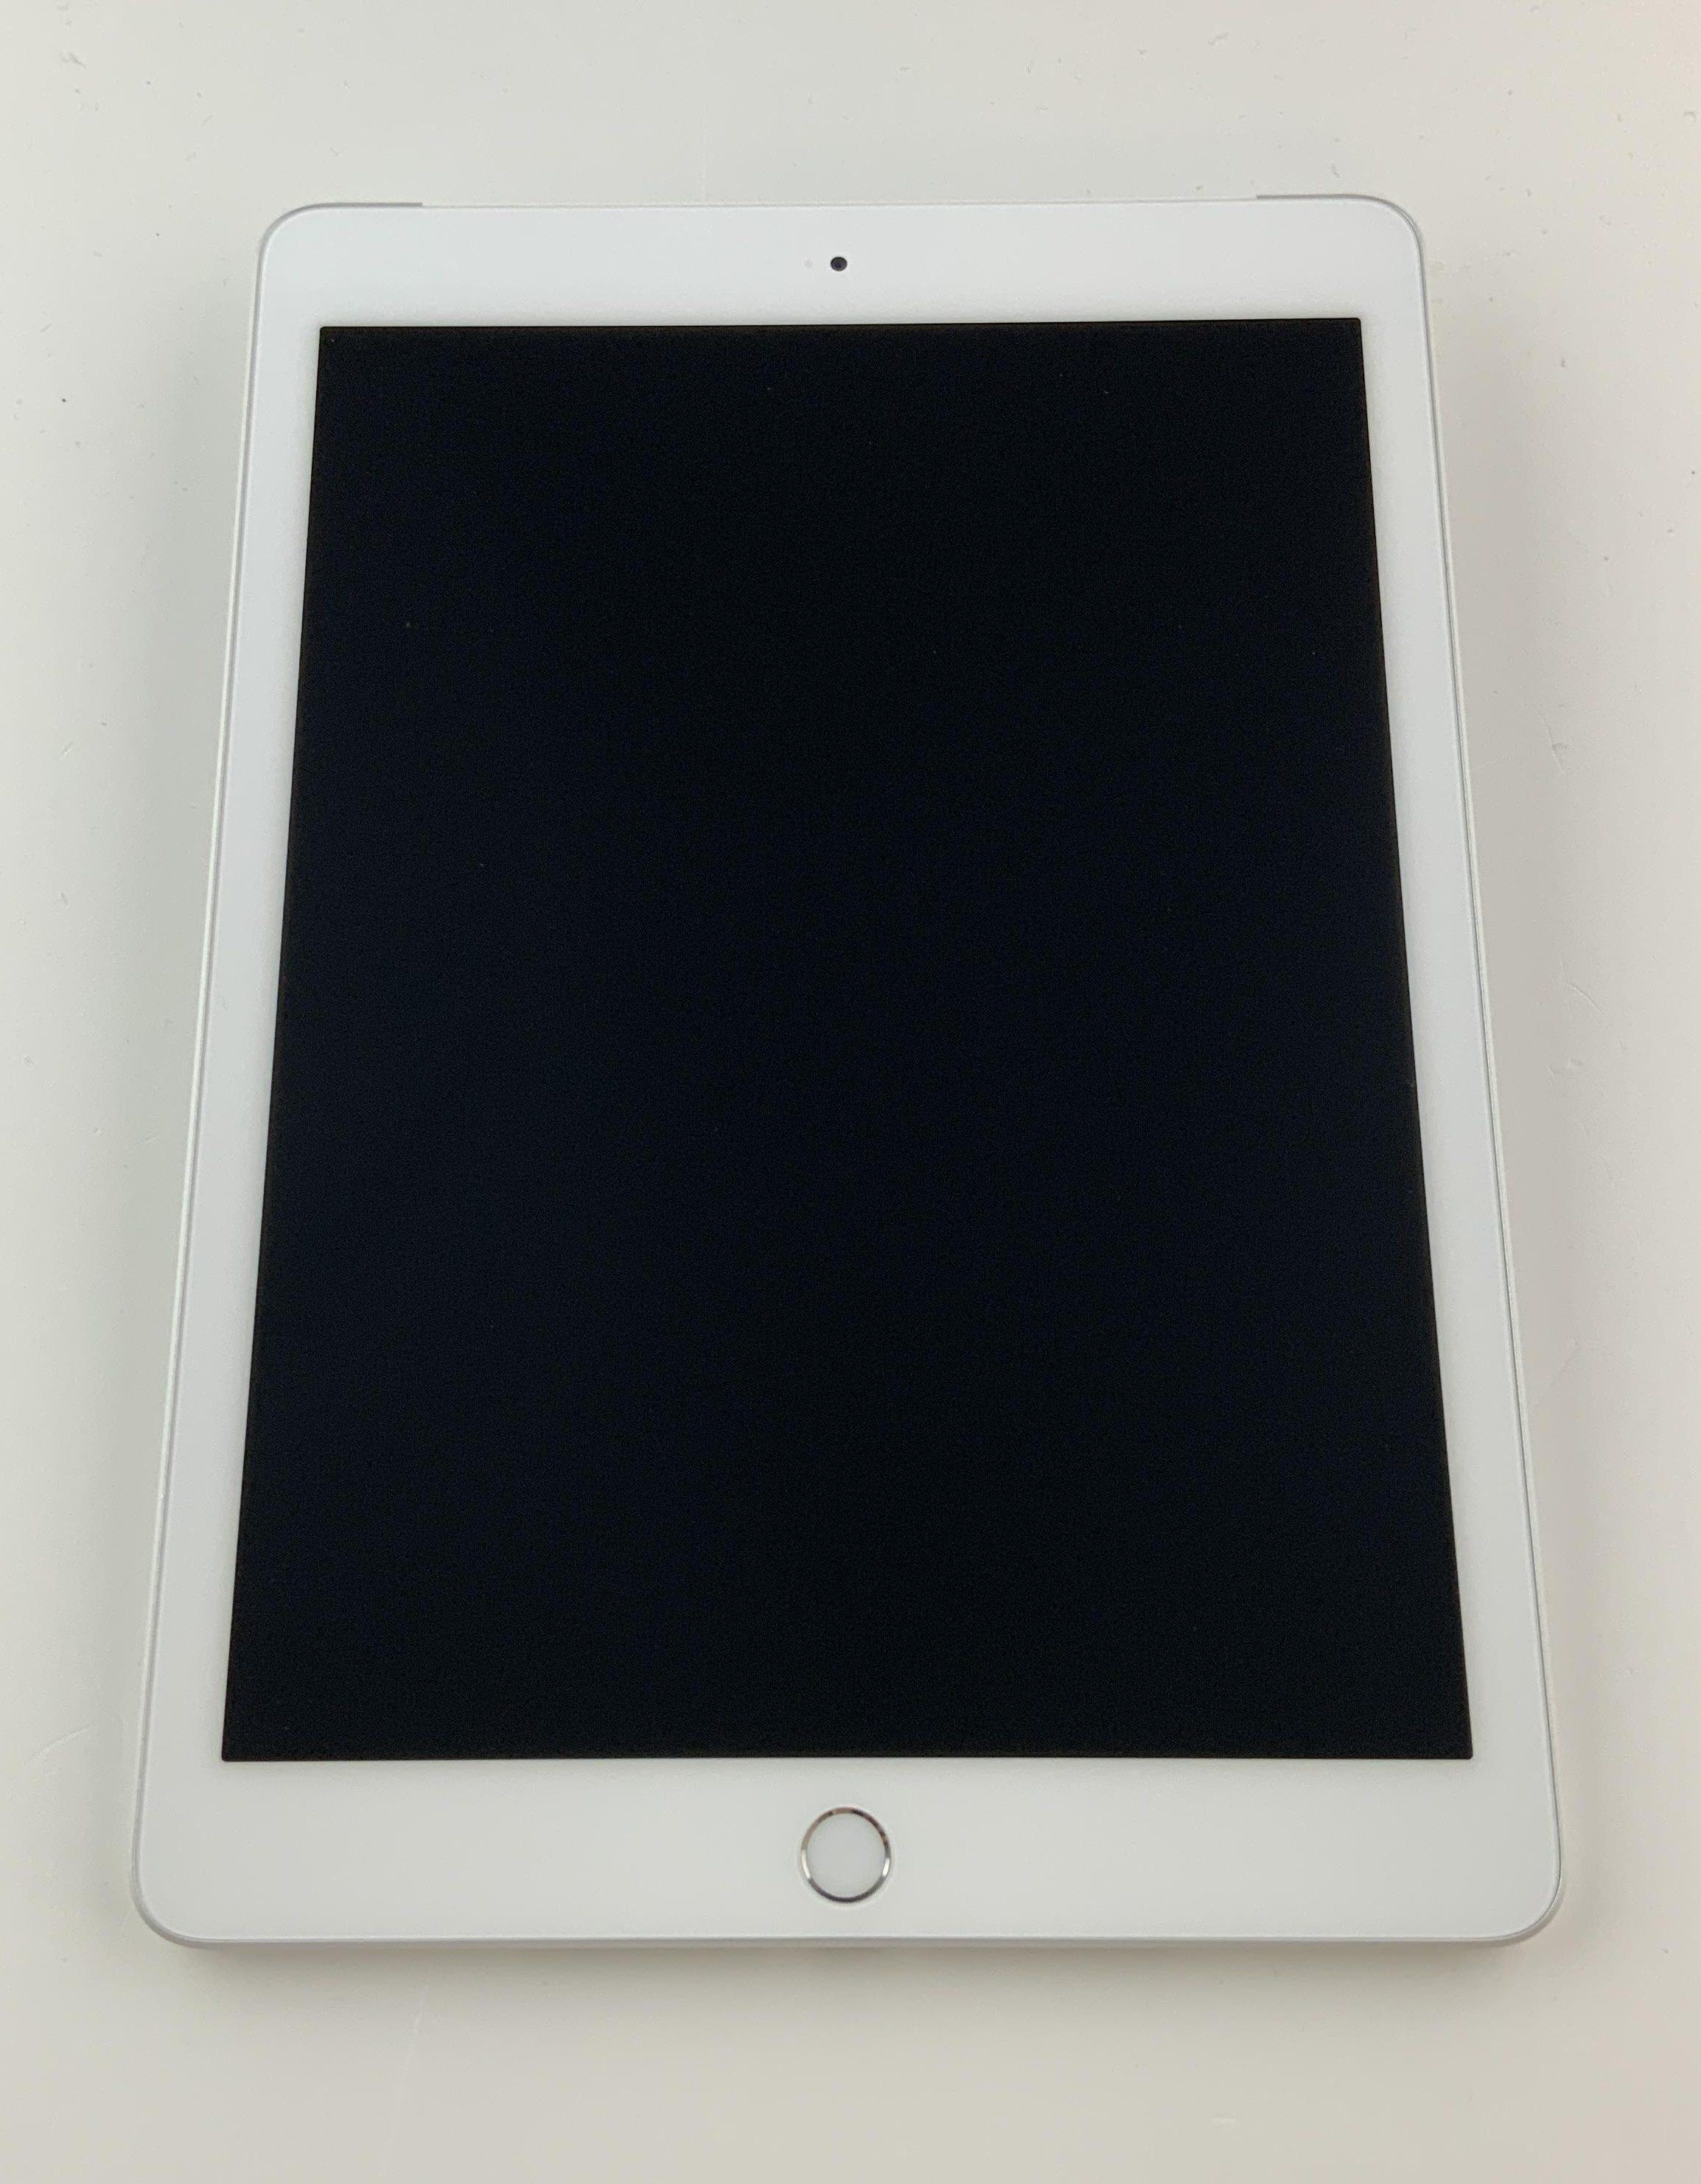 iPad 6 Wi-Fi + Cellular 32GB, 32GB, Silver, image 1